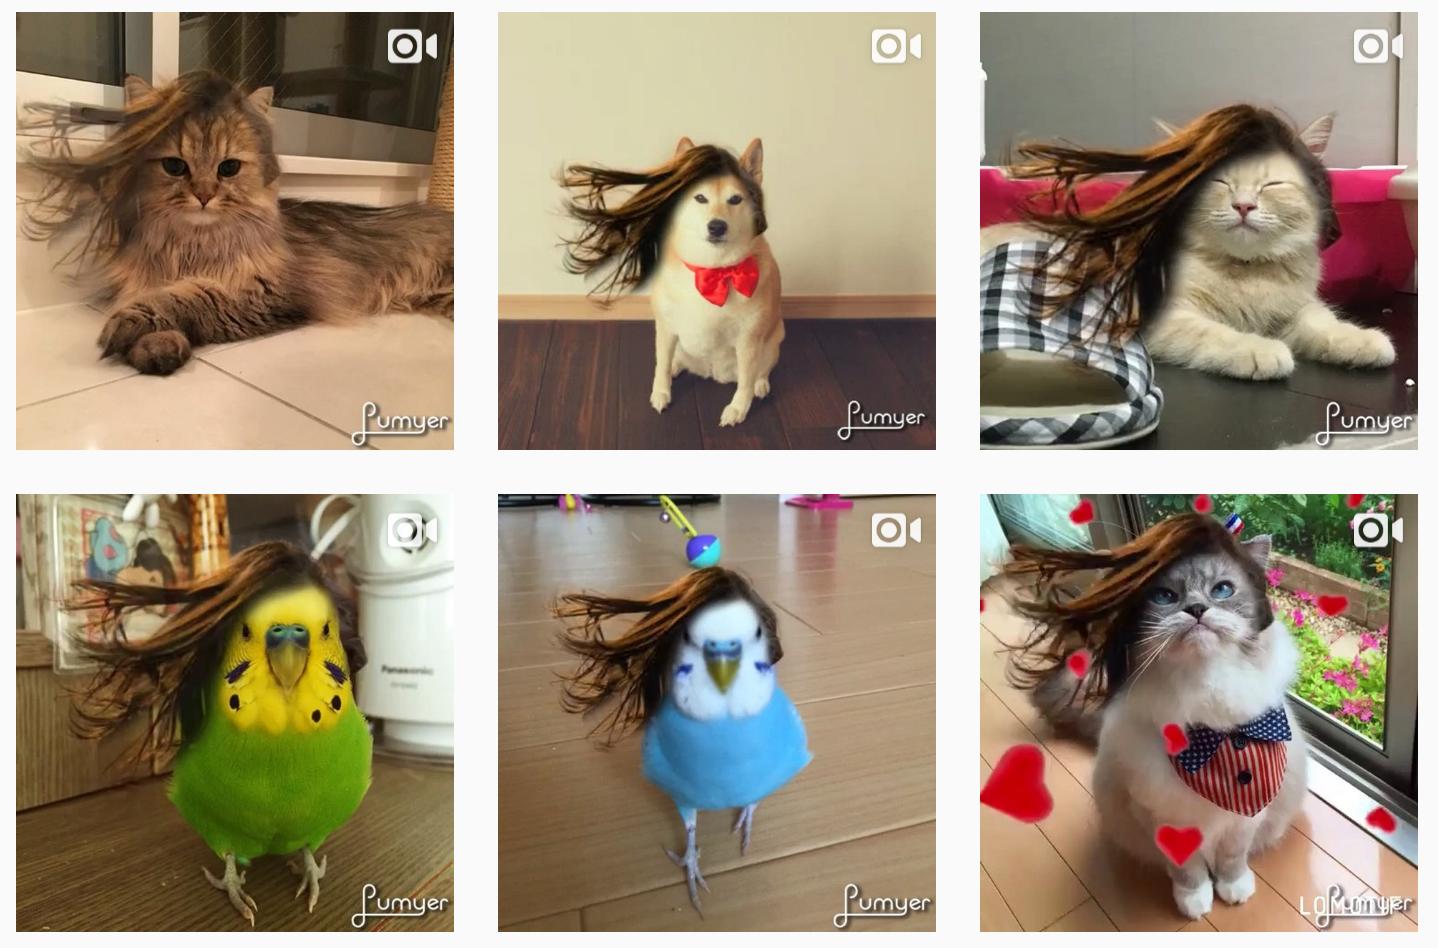 まるでティモテ。写真加工アプリLumyerで猫の髪もさらさらに